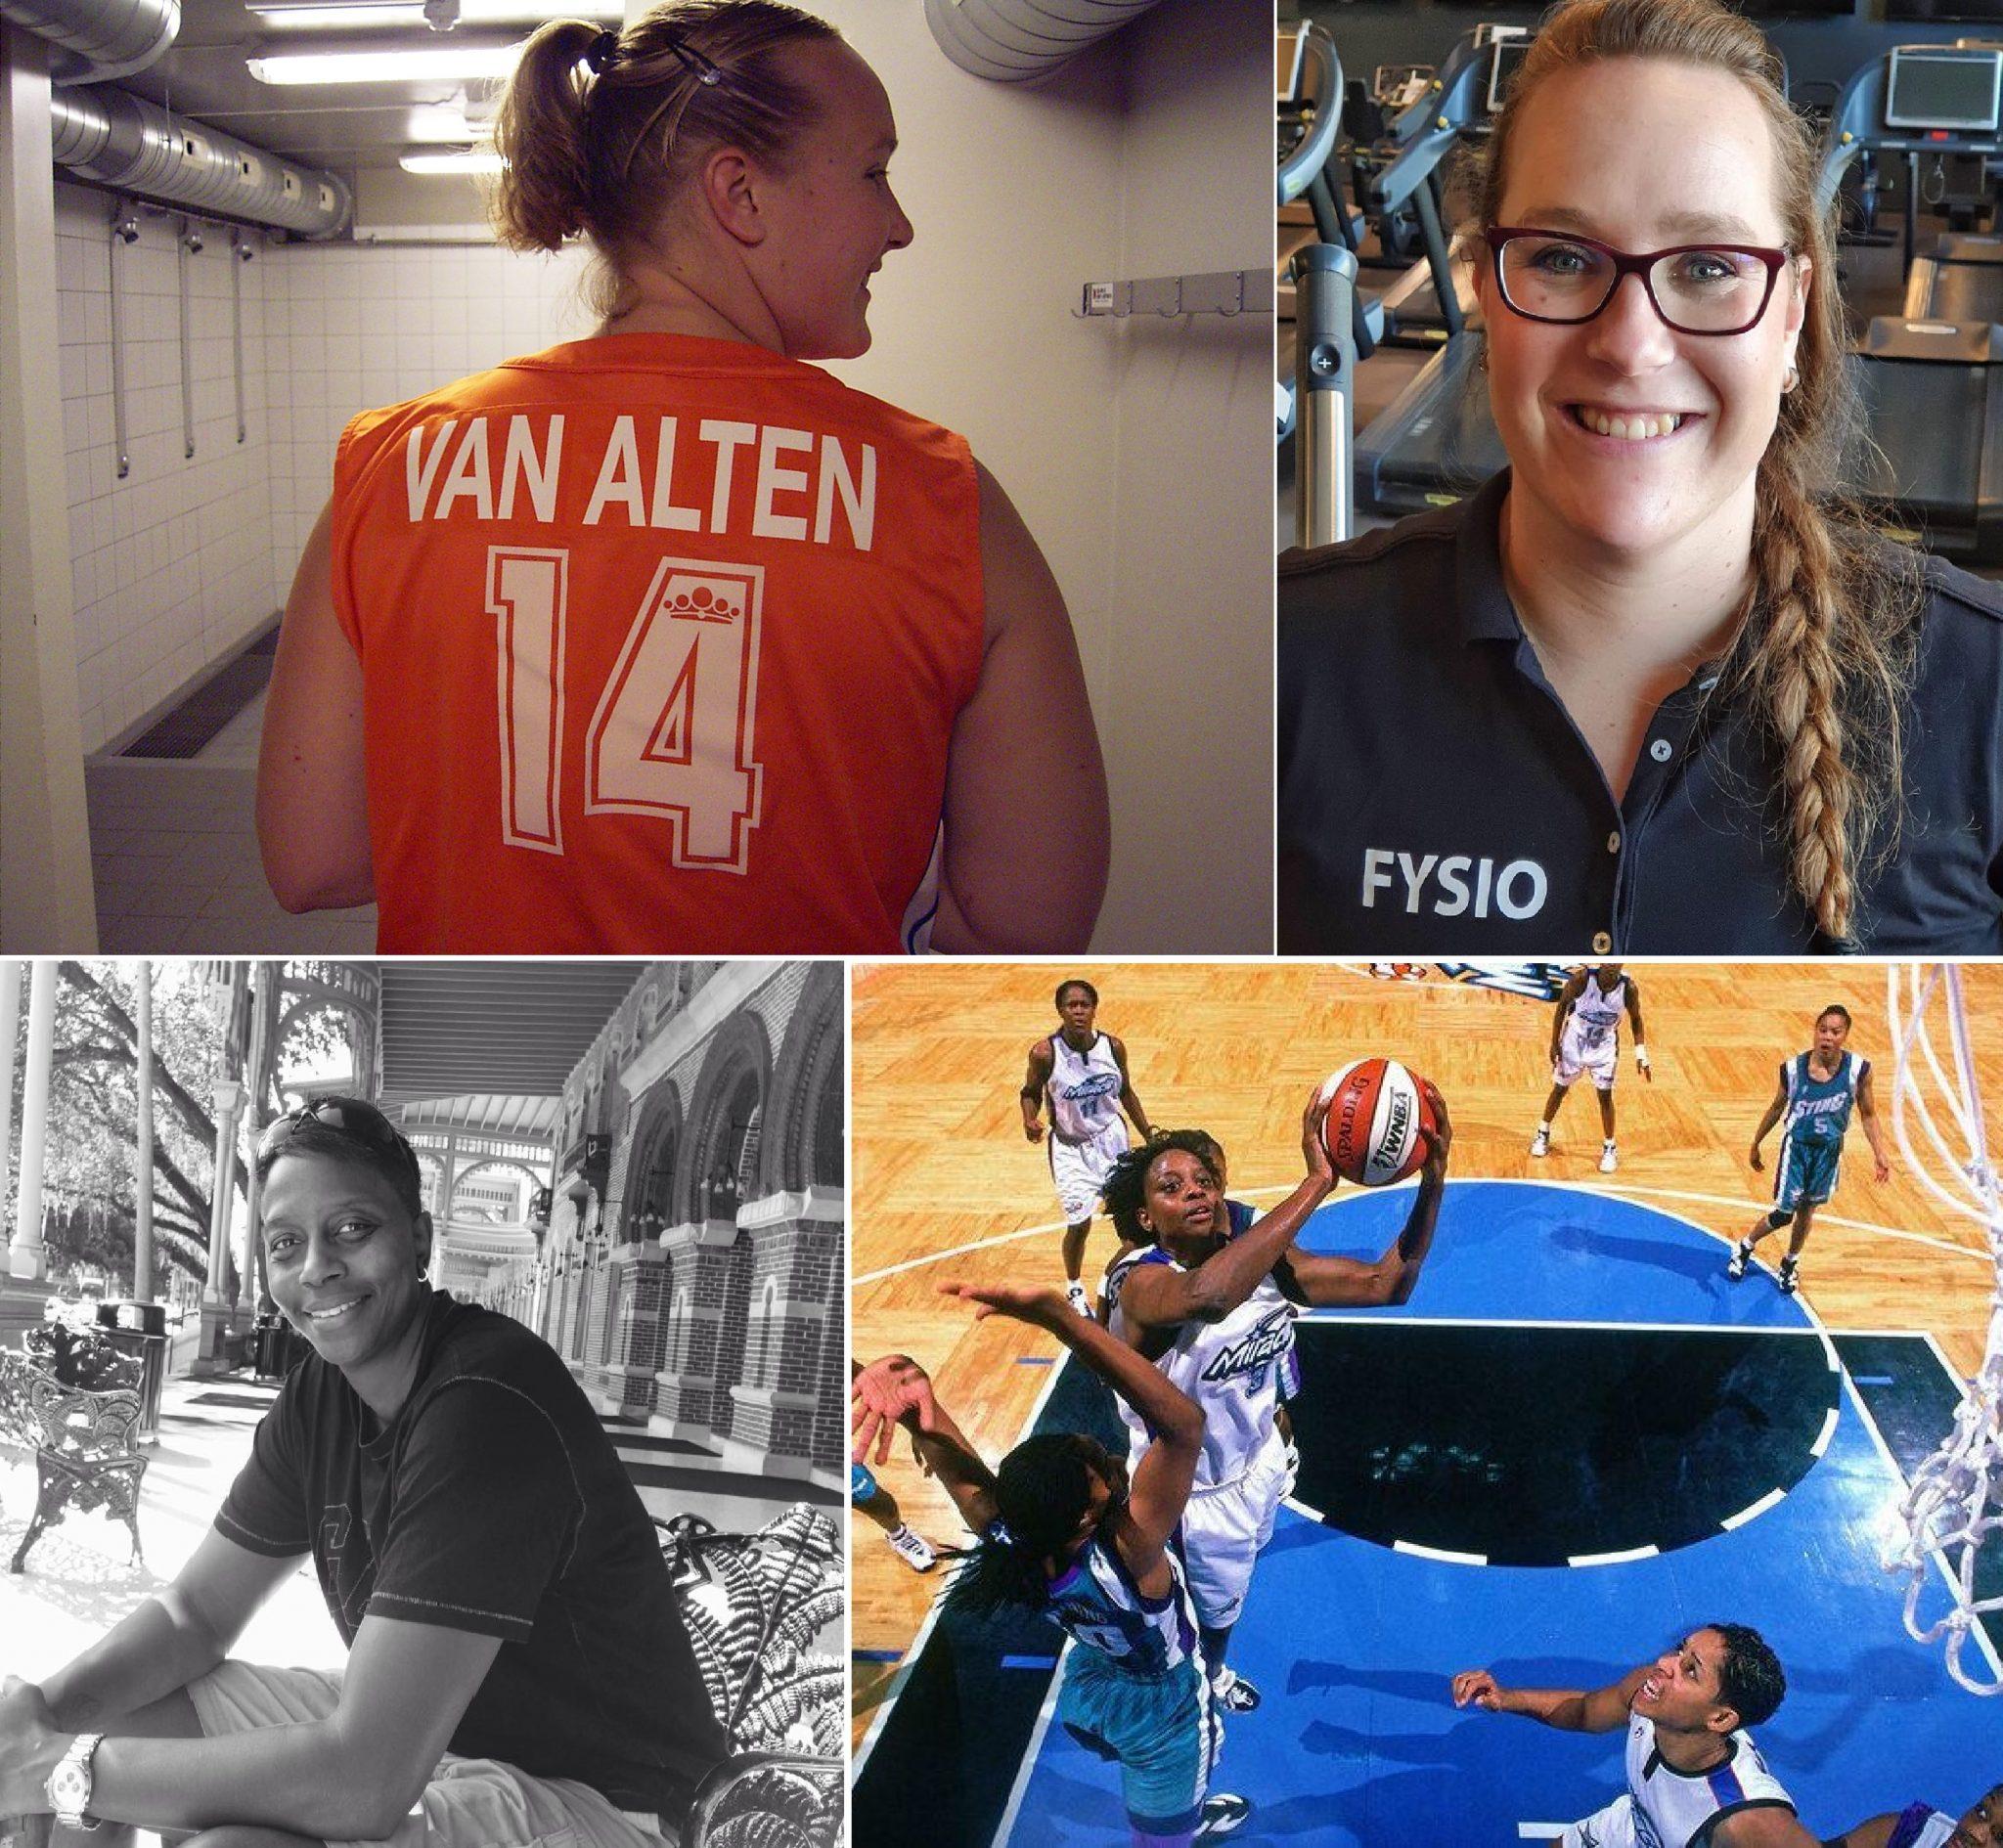 Nieuw trainer-coach duo voor Dames 1: Krista van Alten en Andrea Congreaves